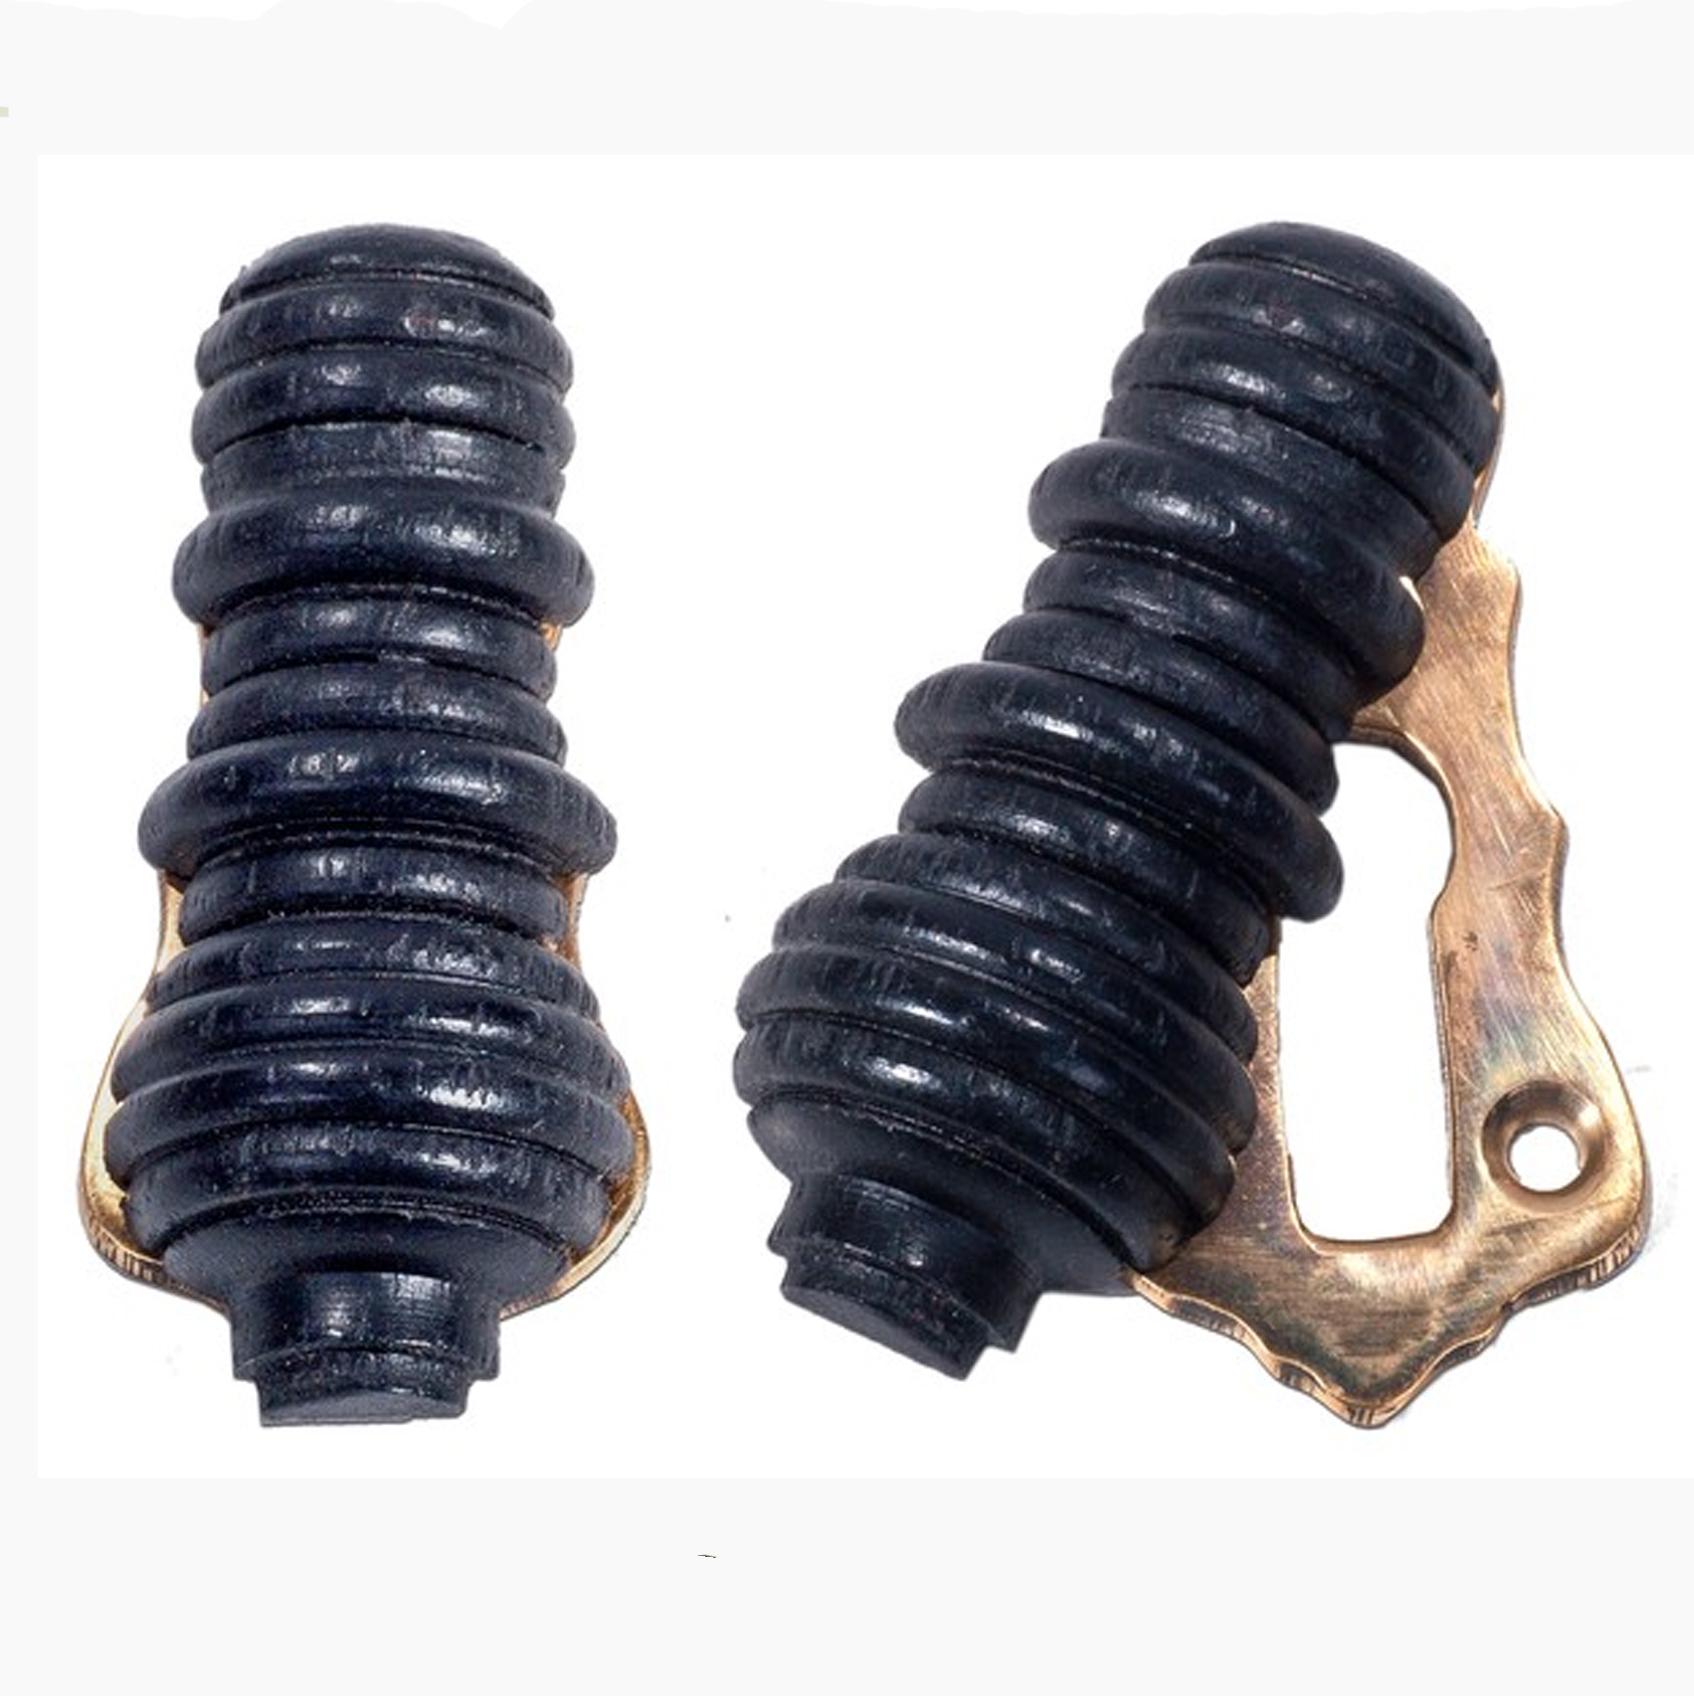 Hexham Ebonised & Brass Keyholes